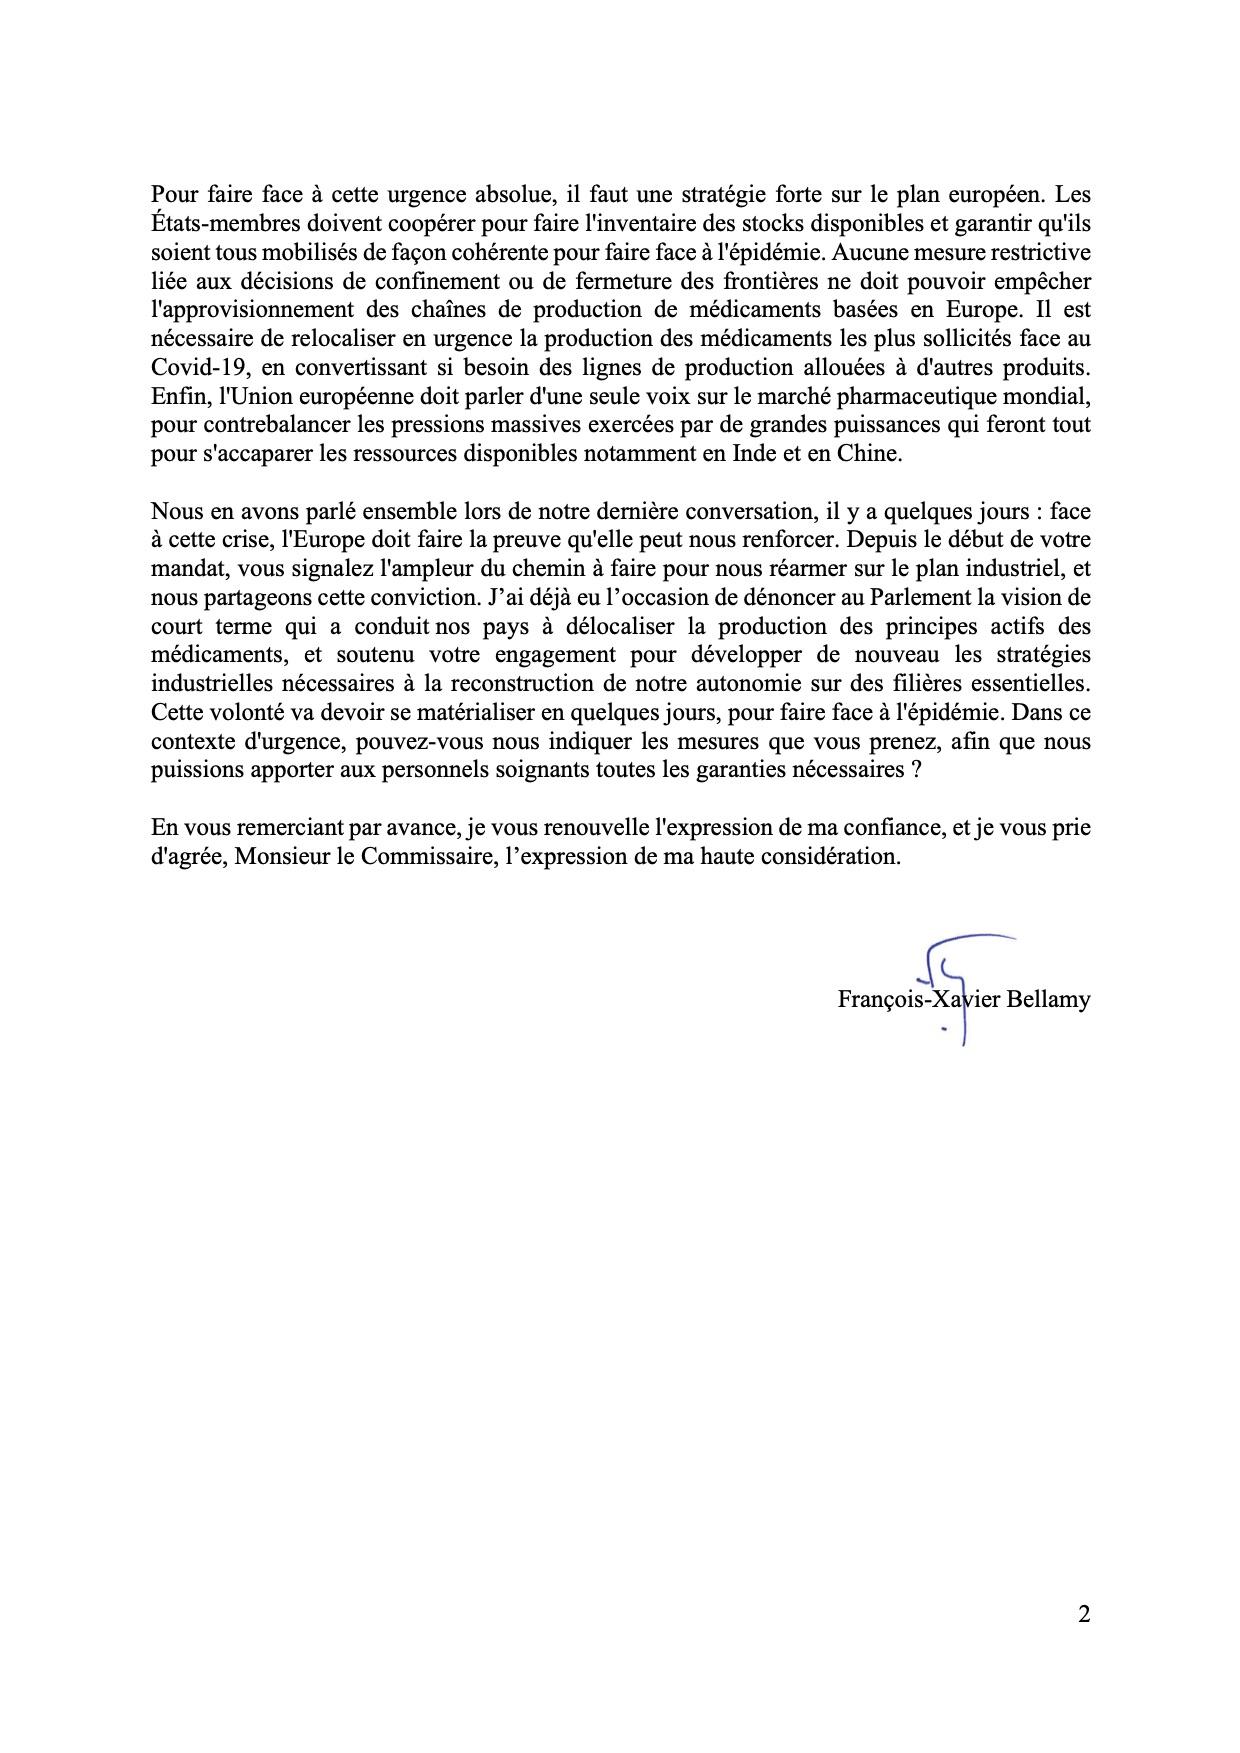 Pénurie de médicaments : lettre de François-Xavier Bellamy à Thierry Breton (2/2)